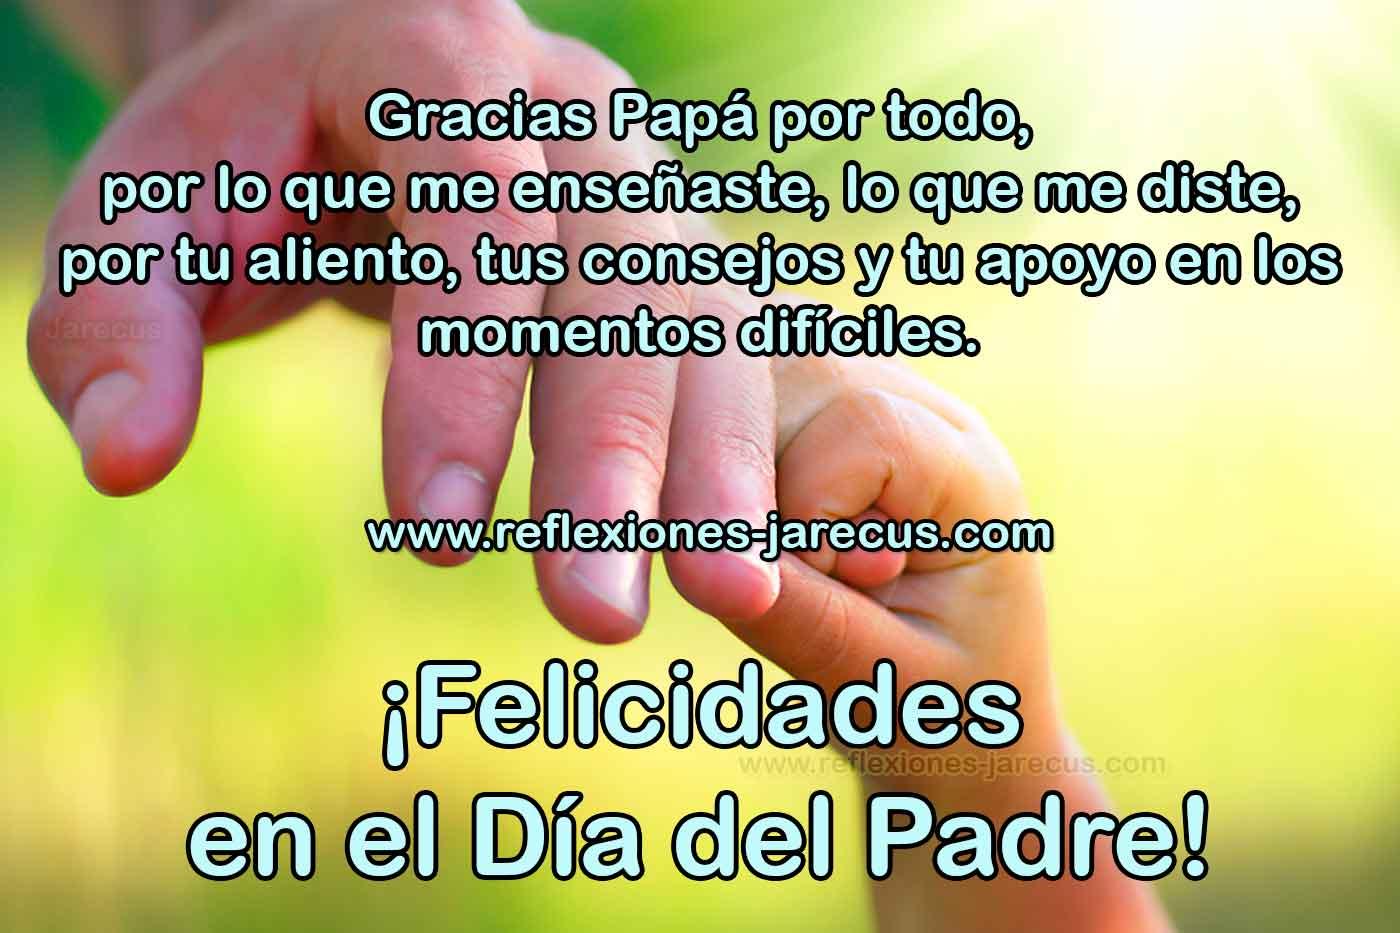 Gracias papá por todo, por lo que me enseñaste, lo que me diste, por tu aliento, tus consejos y tu apoyo en los momentos difíciles. ¡Felicidades en el día del padre!